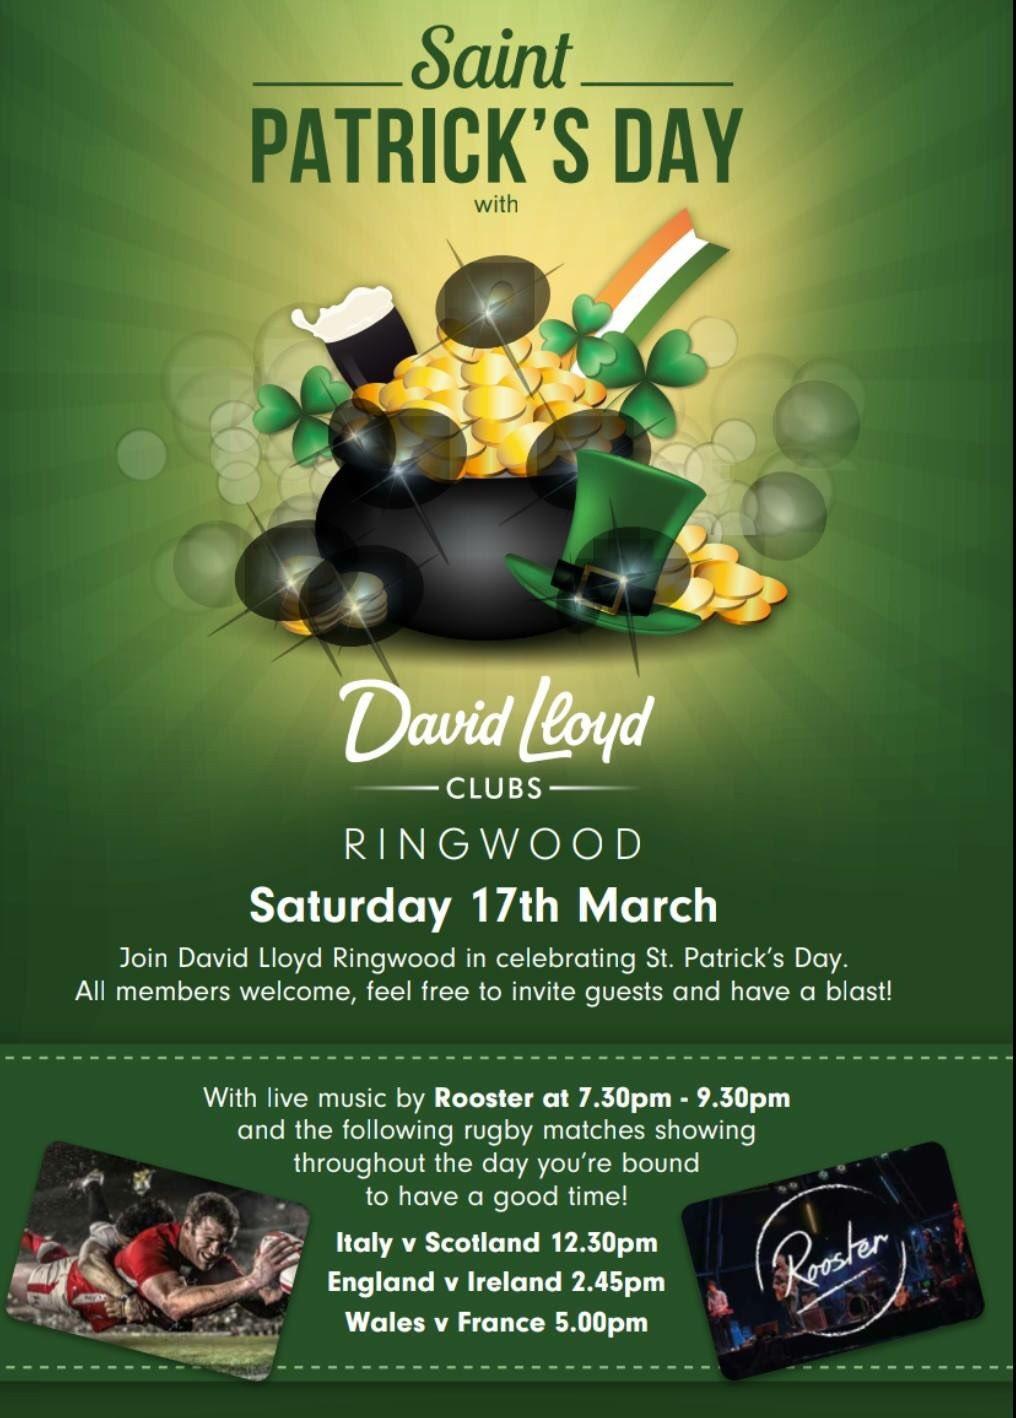 David Lloyd Ringwood >> David Lloyd Ringwood On Twitter A Day Of 6 Nations Rugby